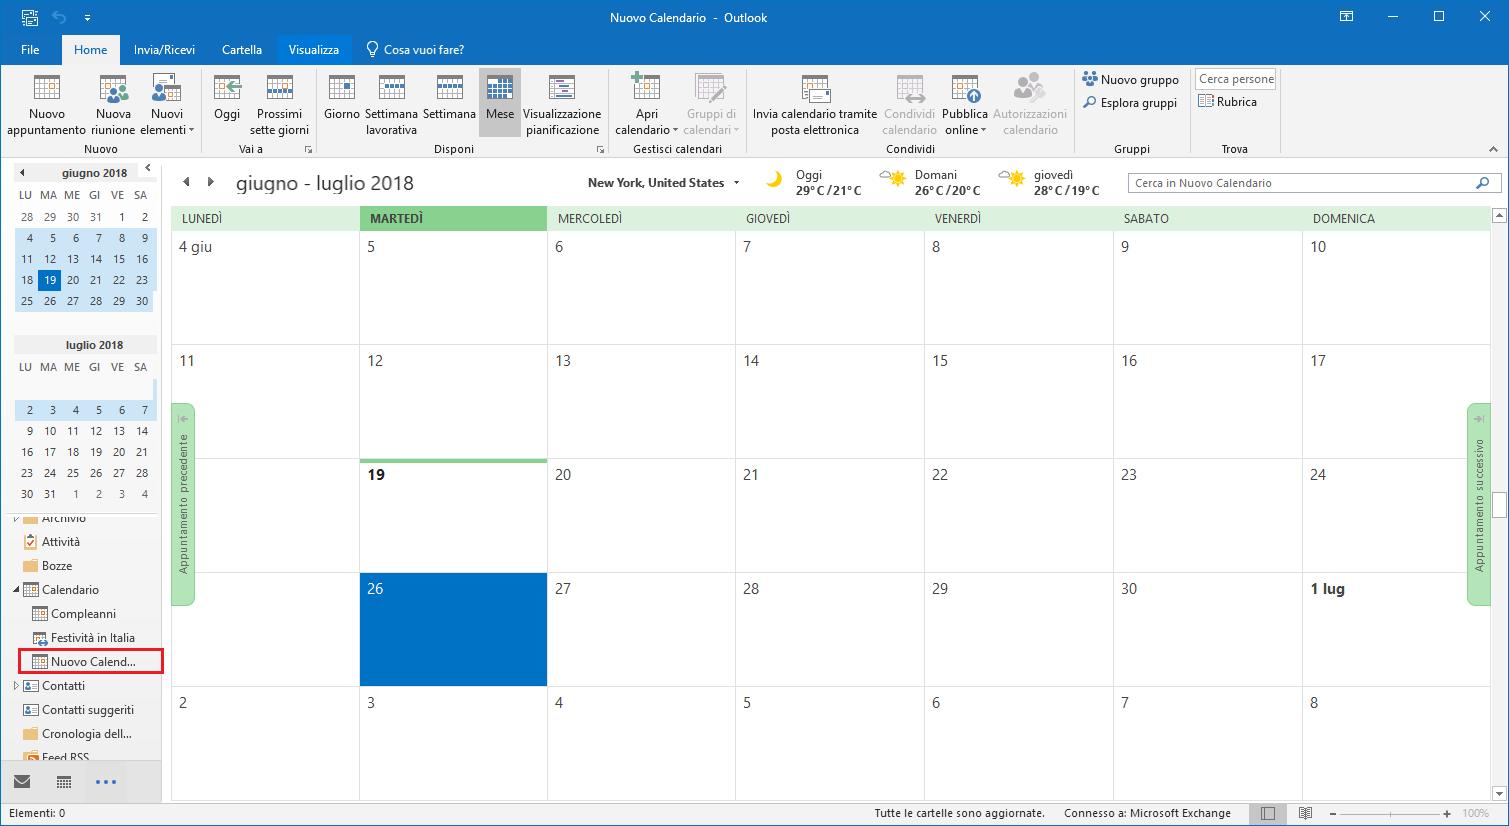 Nuovo Calendario - Calendario Creato